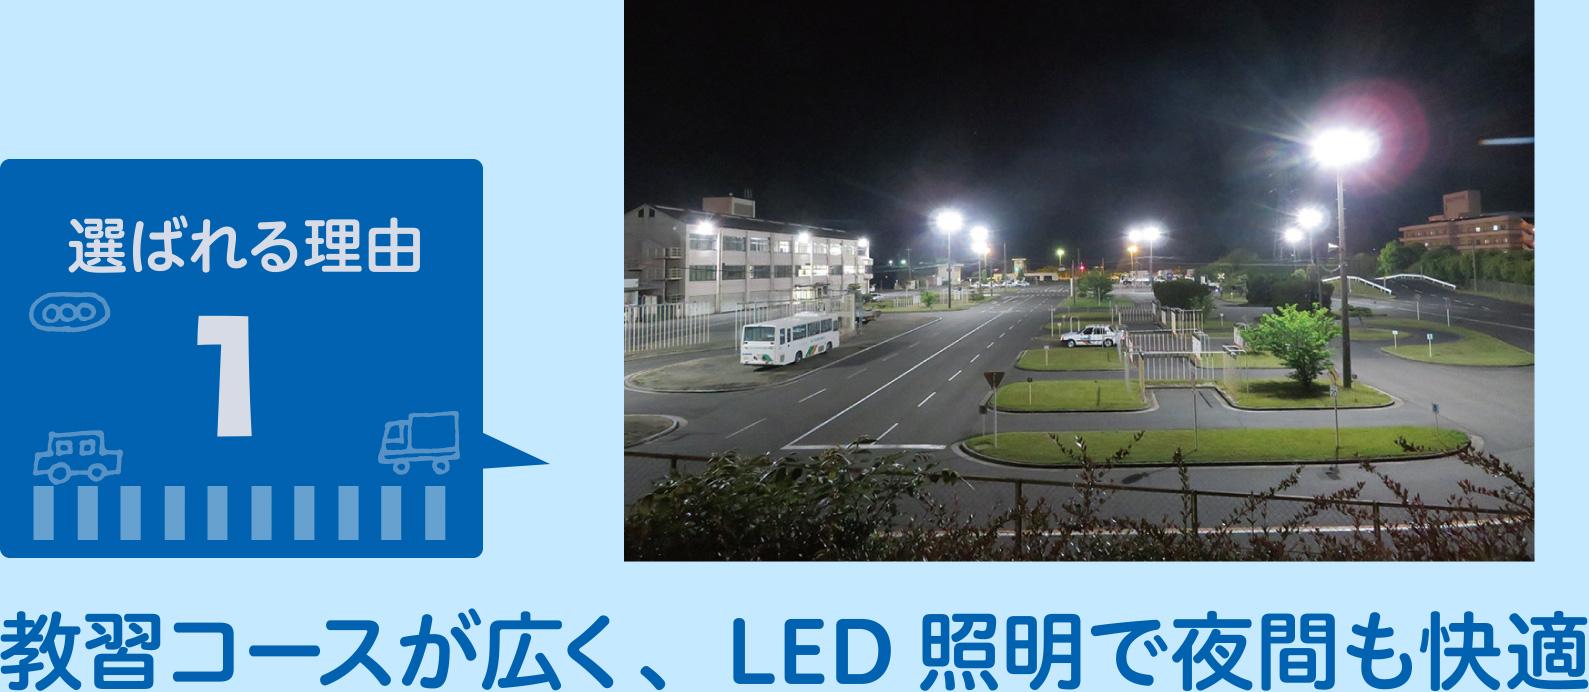 選ばれる理由1.教習コースが広く、LED照明で夜間も快適